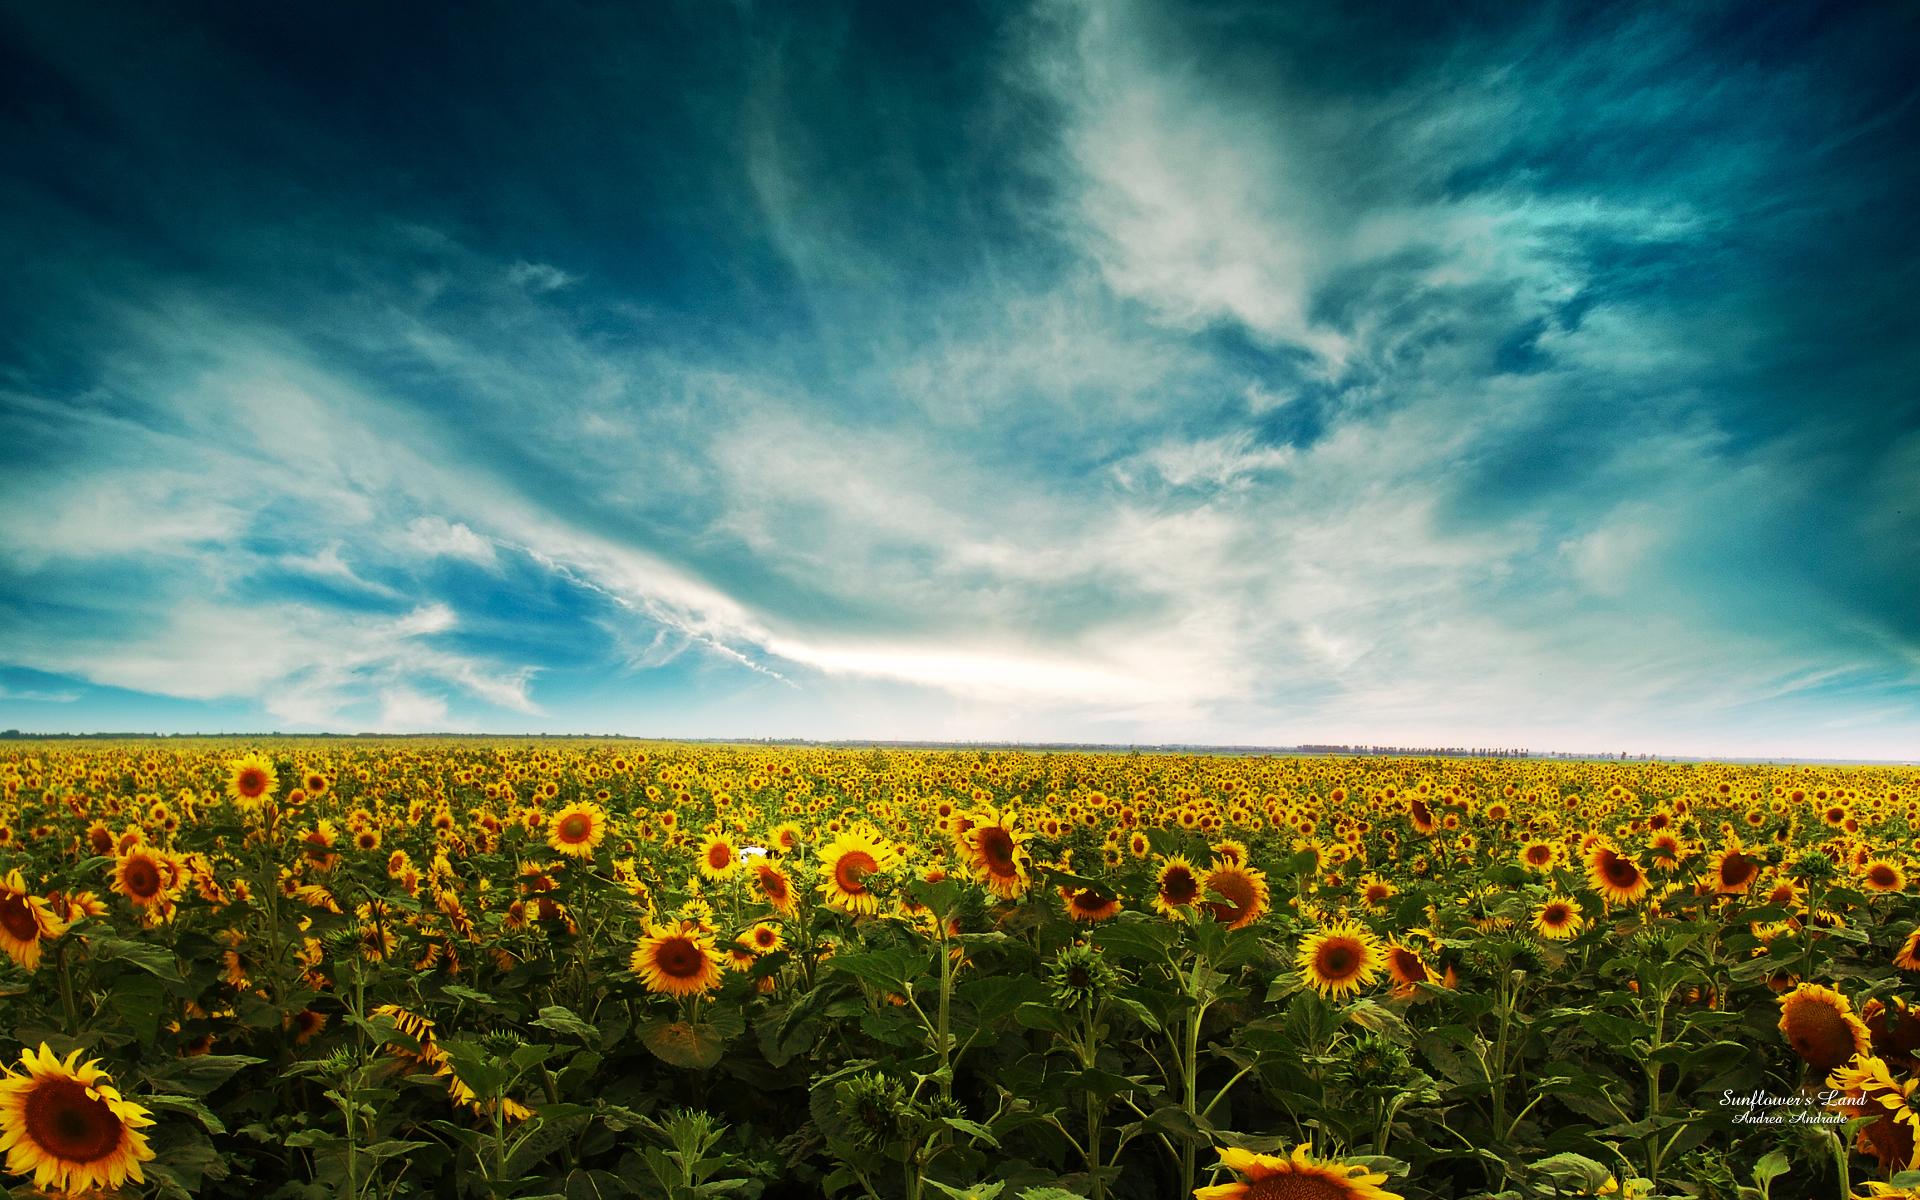 Hd wallpaper landscape - Sunflowers Landscape Wallpapers Hd Wallpapers